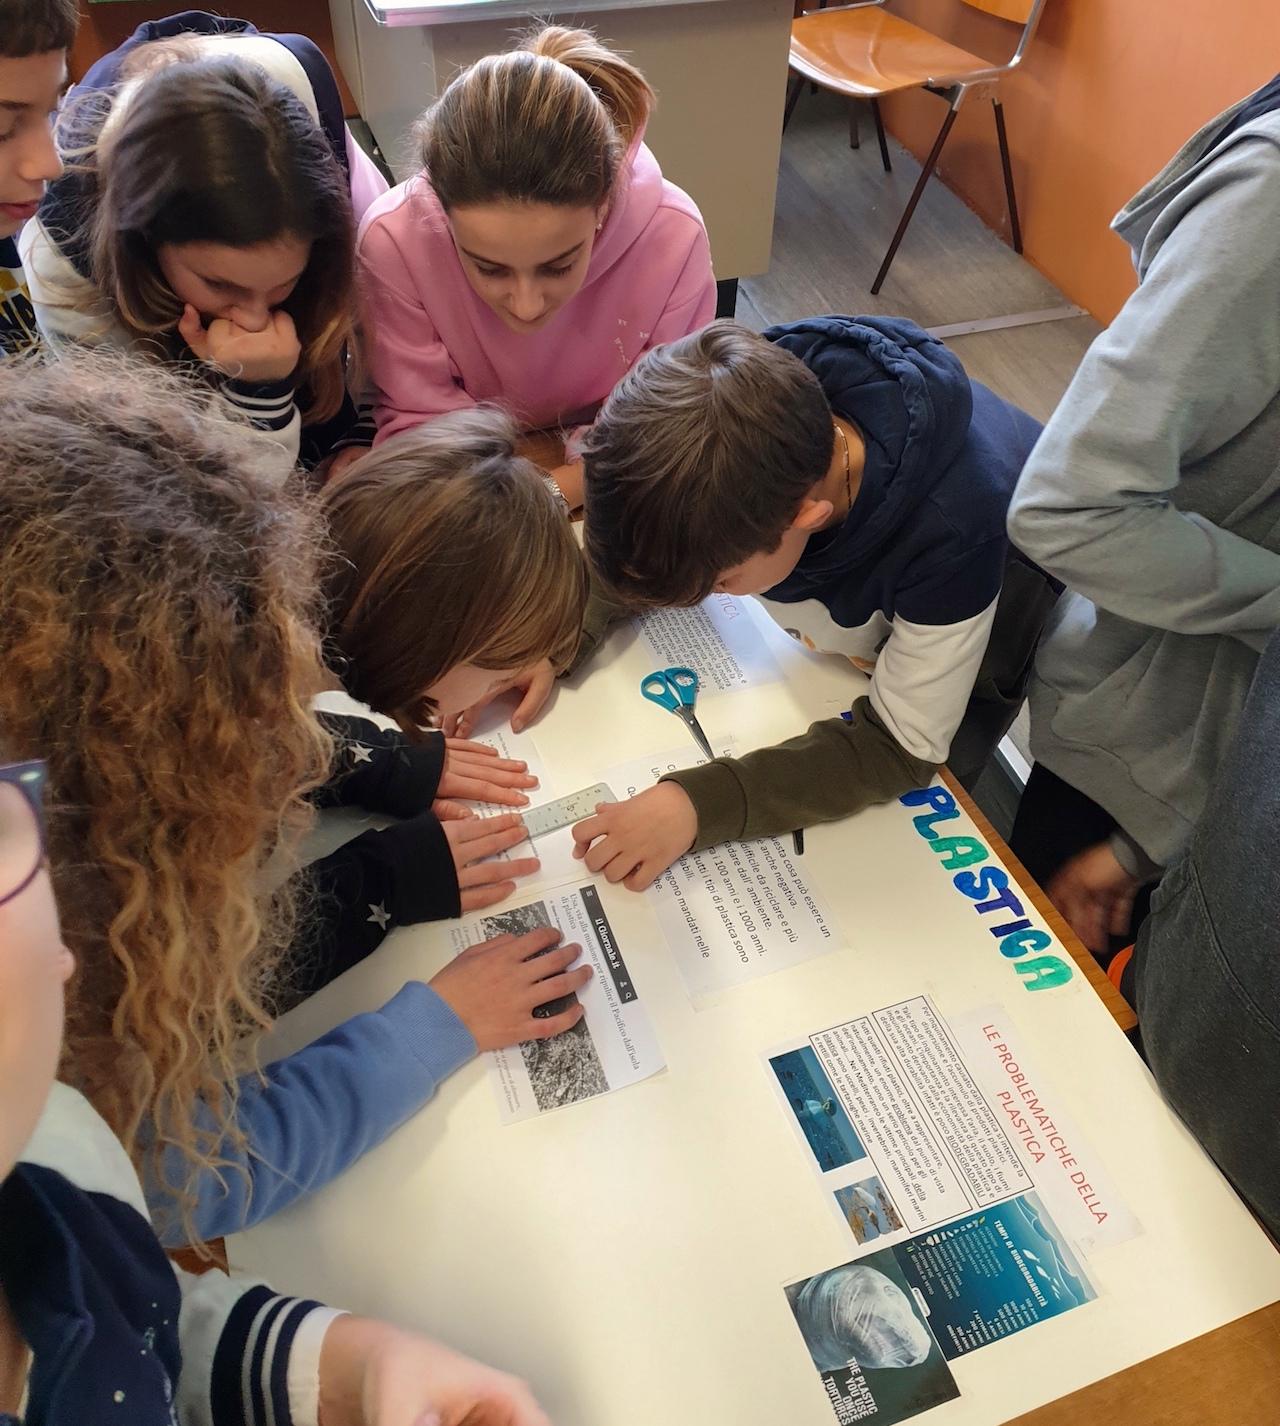 Istituto San Giuseppe La Salle Milano Cooperative Learning Concorso Un Murale per l'Ambiente Amsa A2A-Comune di Milano Classi Prime Scuola Secondaria_1